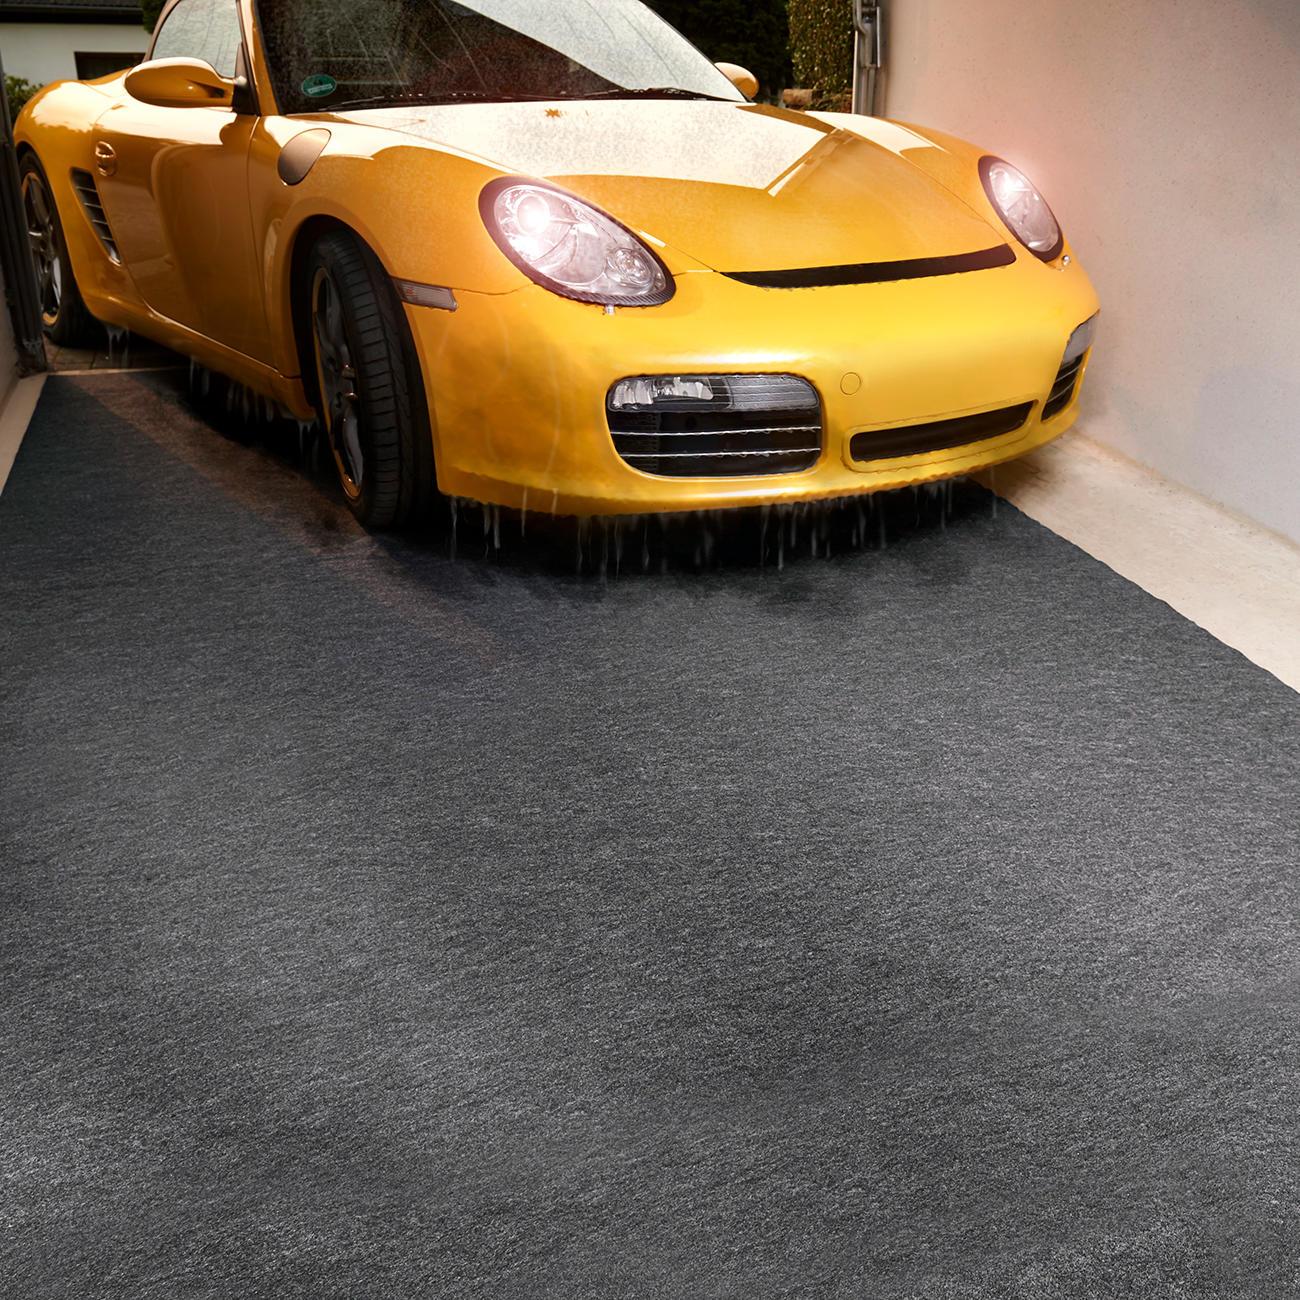 garagen matte 5 18 m l nge und 2 23 m breite kaufen. Black Bedroom Furniture Sets. Home Design Ideas